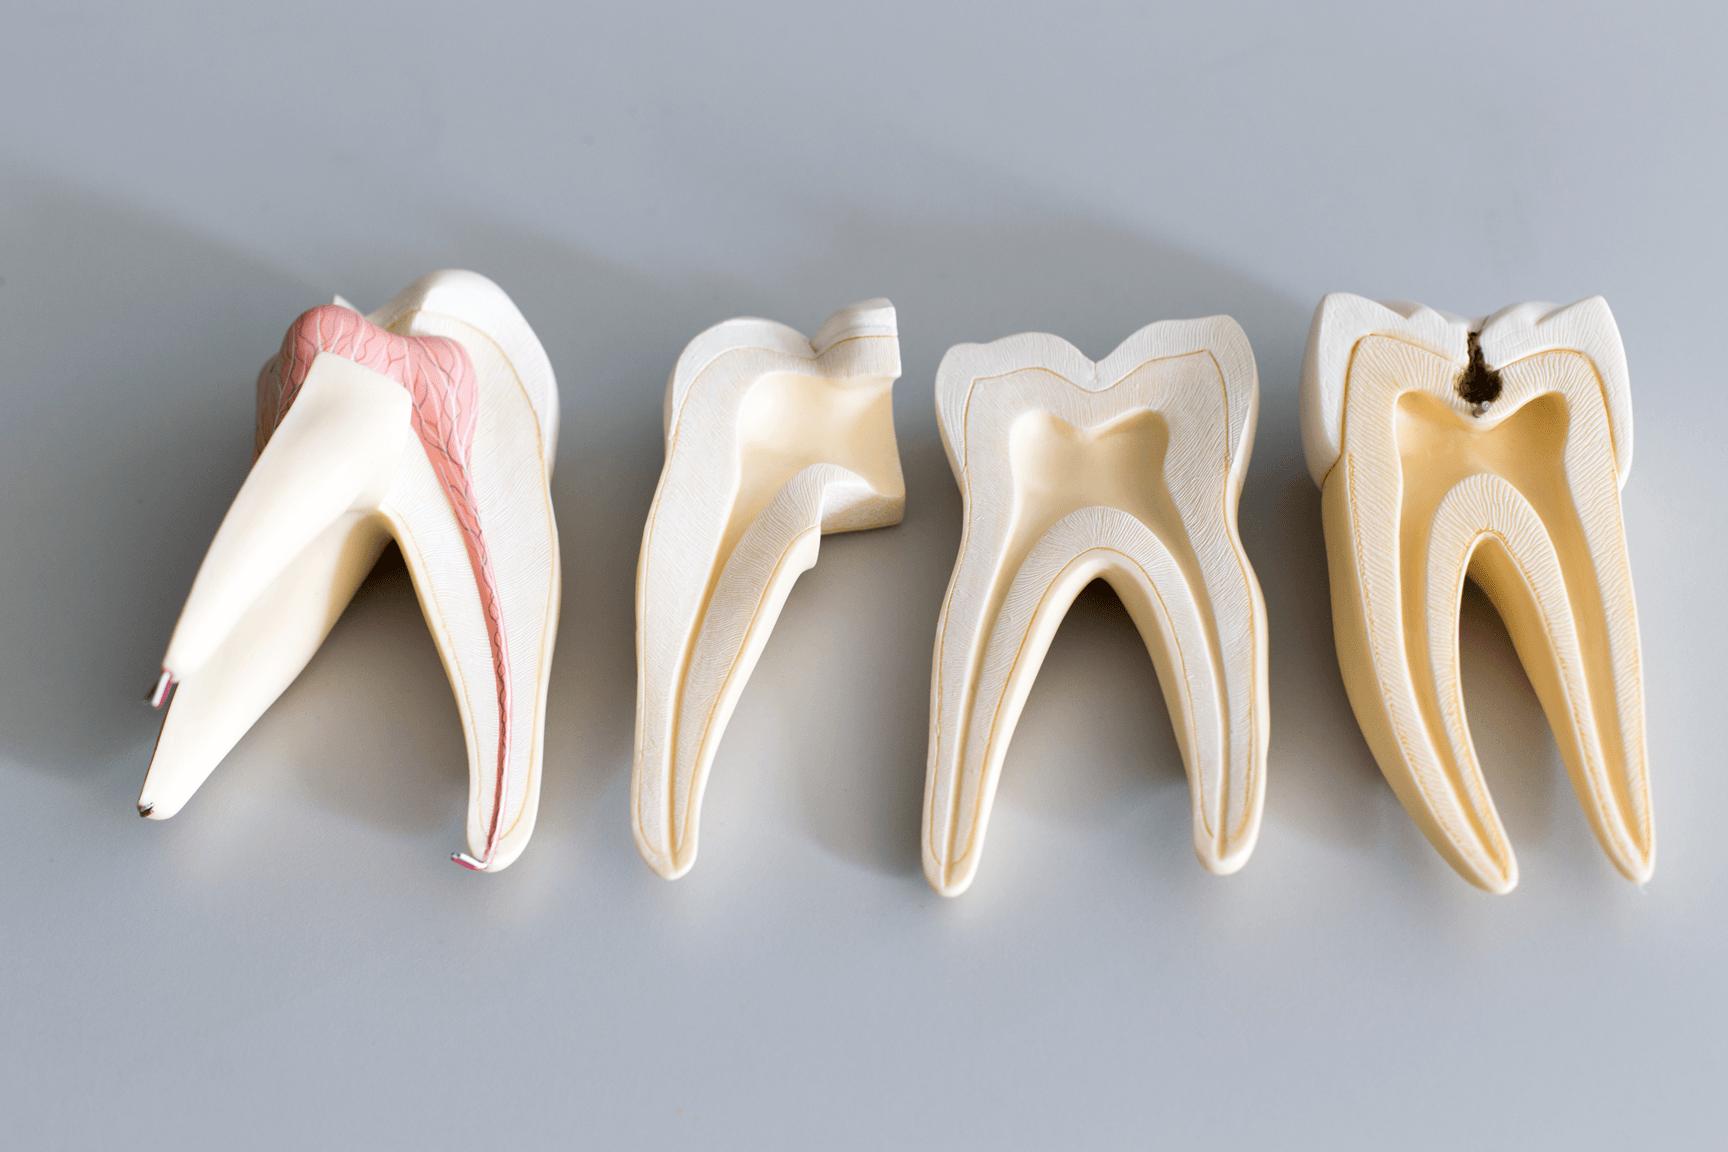 Когда придется удалять корни зубов?